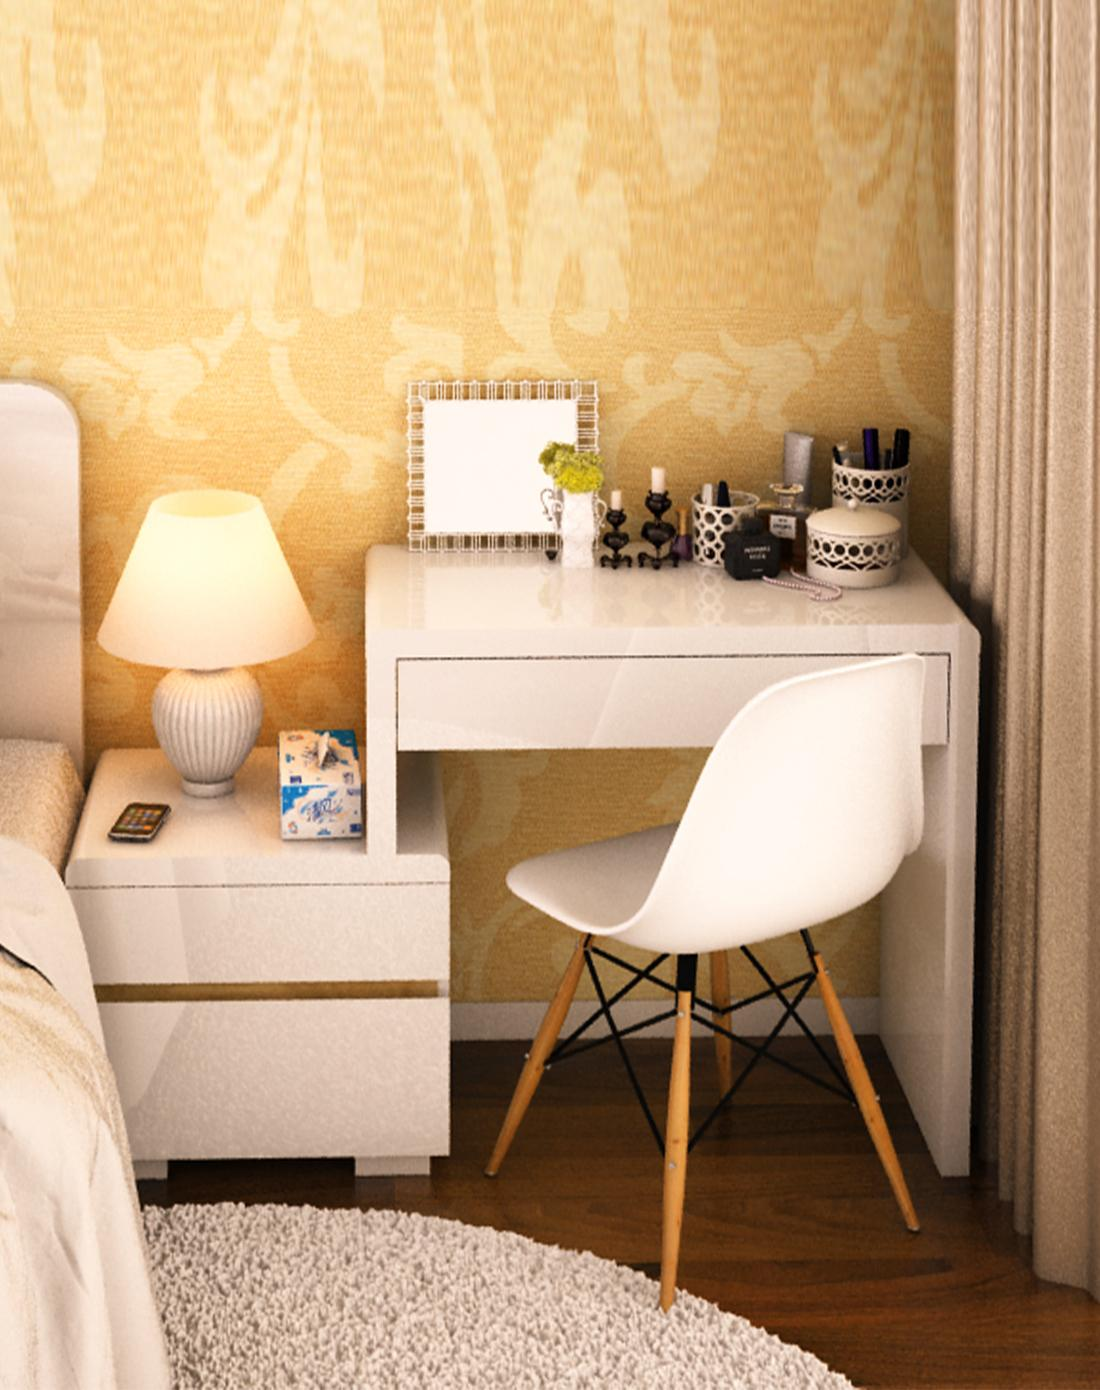 汉斯梳妆台 床头柜组合,梳妆台左右可放 适应空间